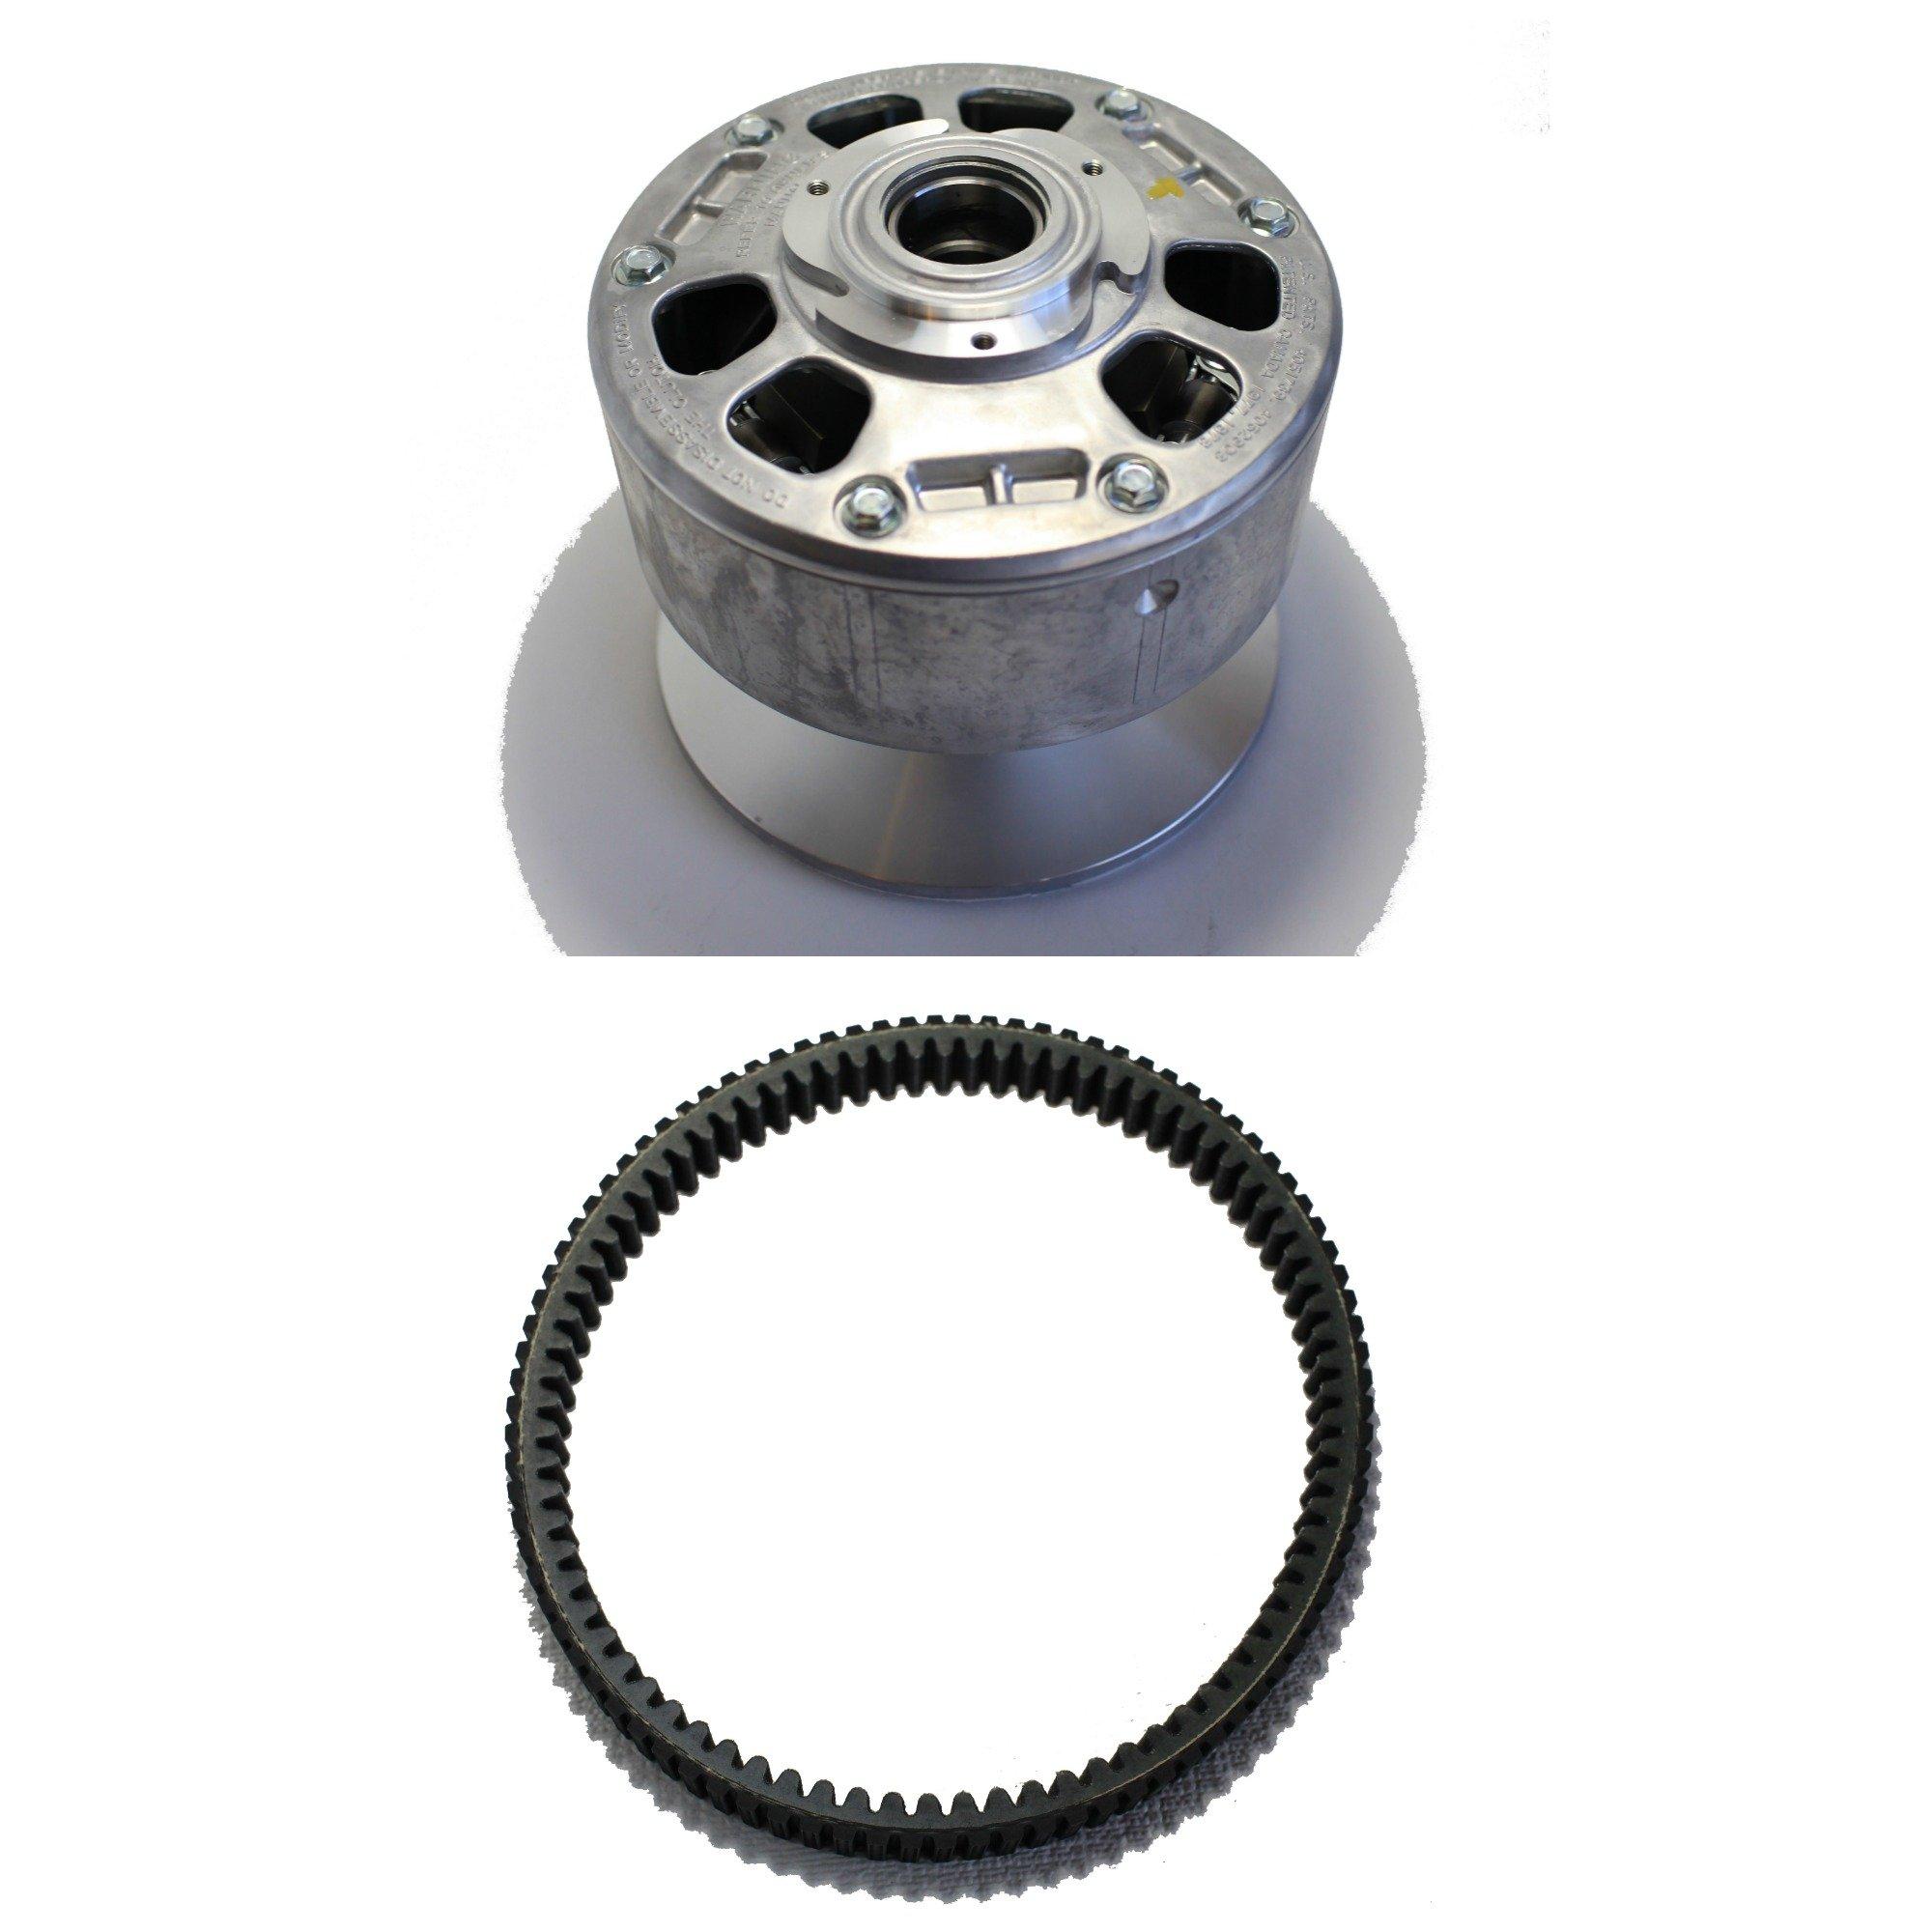 KAWASAKI Mule 2510 Diesel 2000-2002 / 3010 4x4 Diesel 2003 Primary Drive Converter NEW OEM 49093-1068 w/ a Drive Belt Replacement by ATVWorks